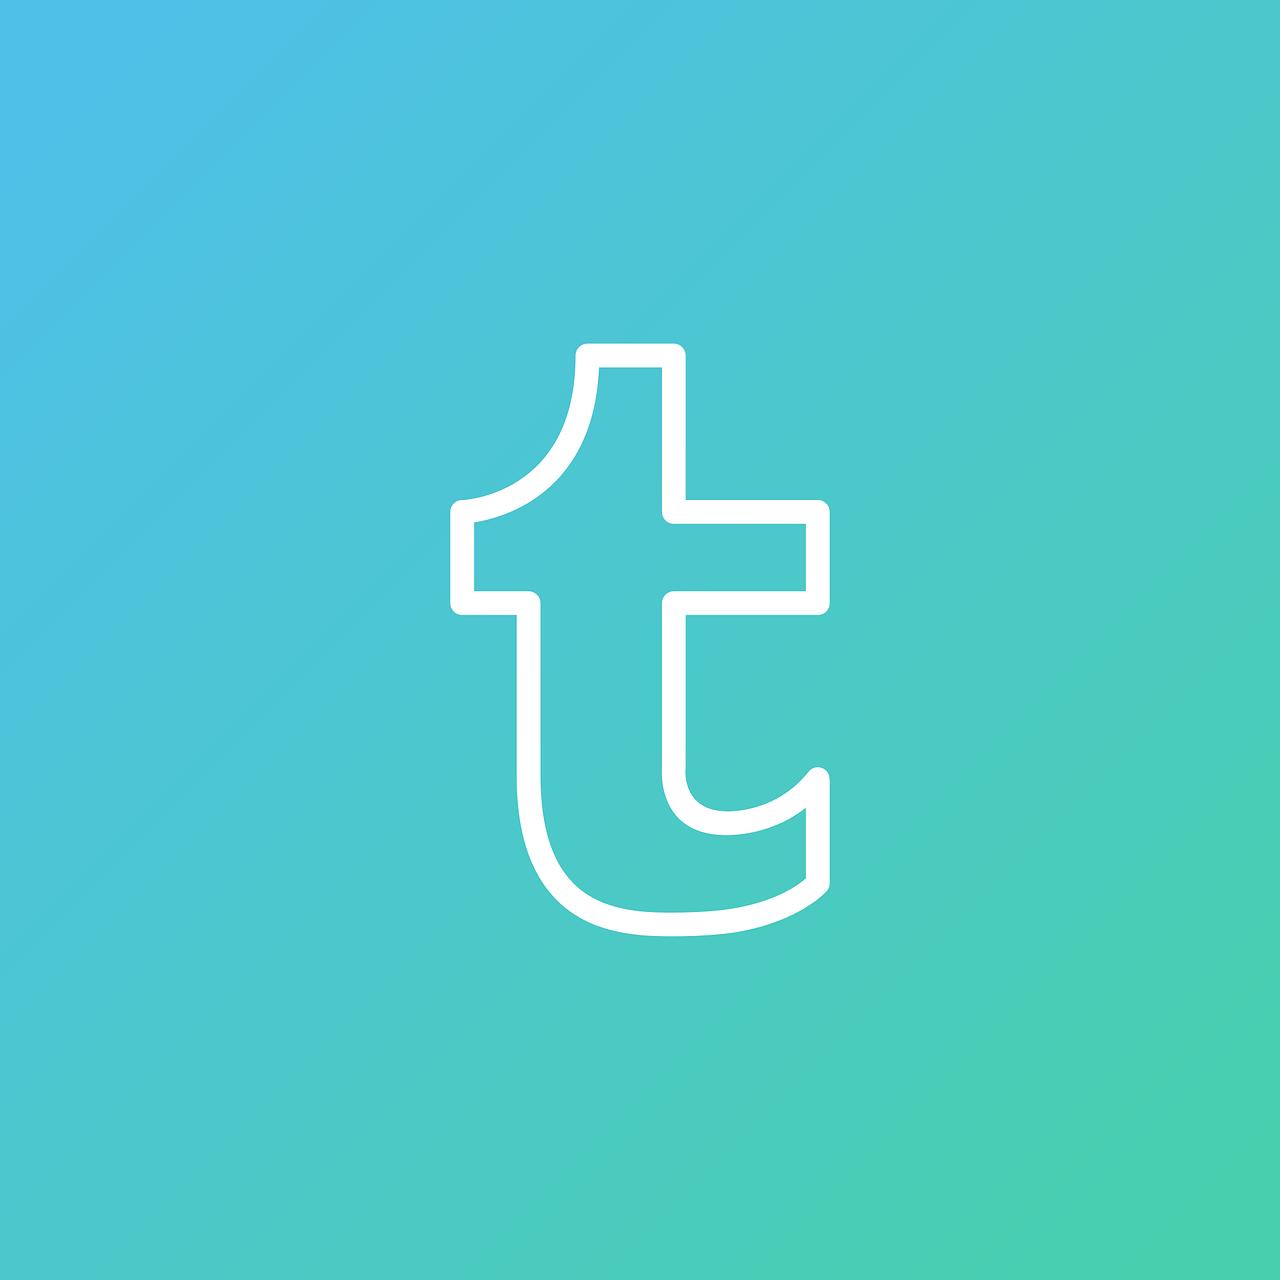 كيفية استخدام تطبيق Tumblr: دليل للمبتدئين